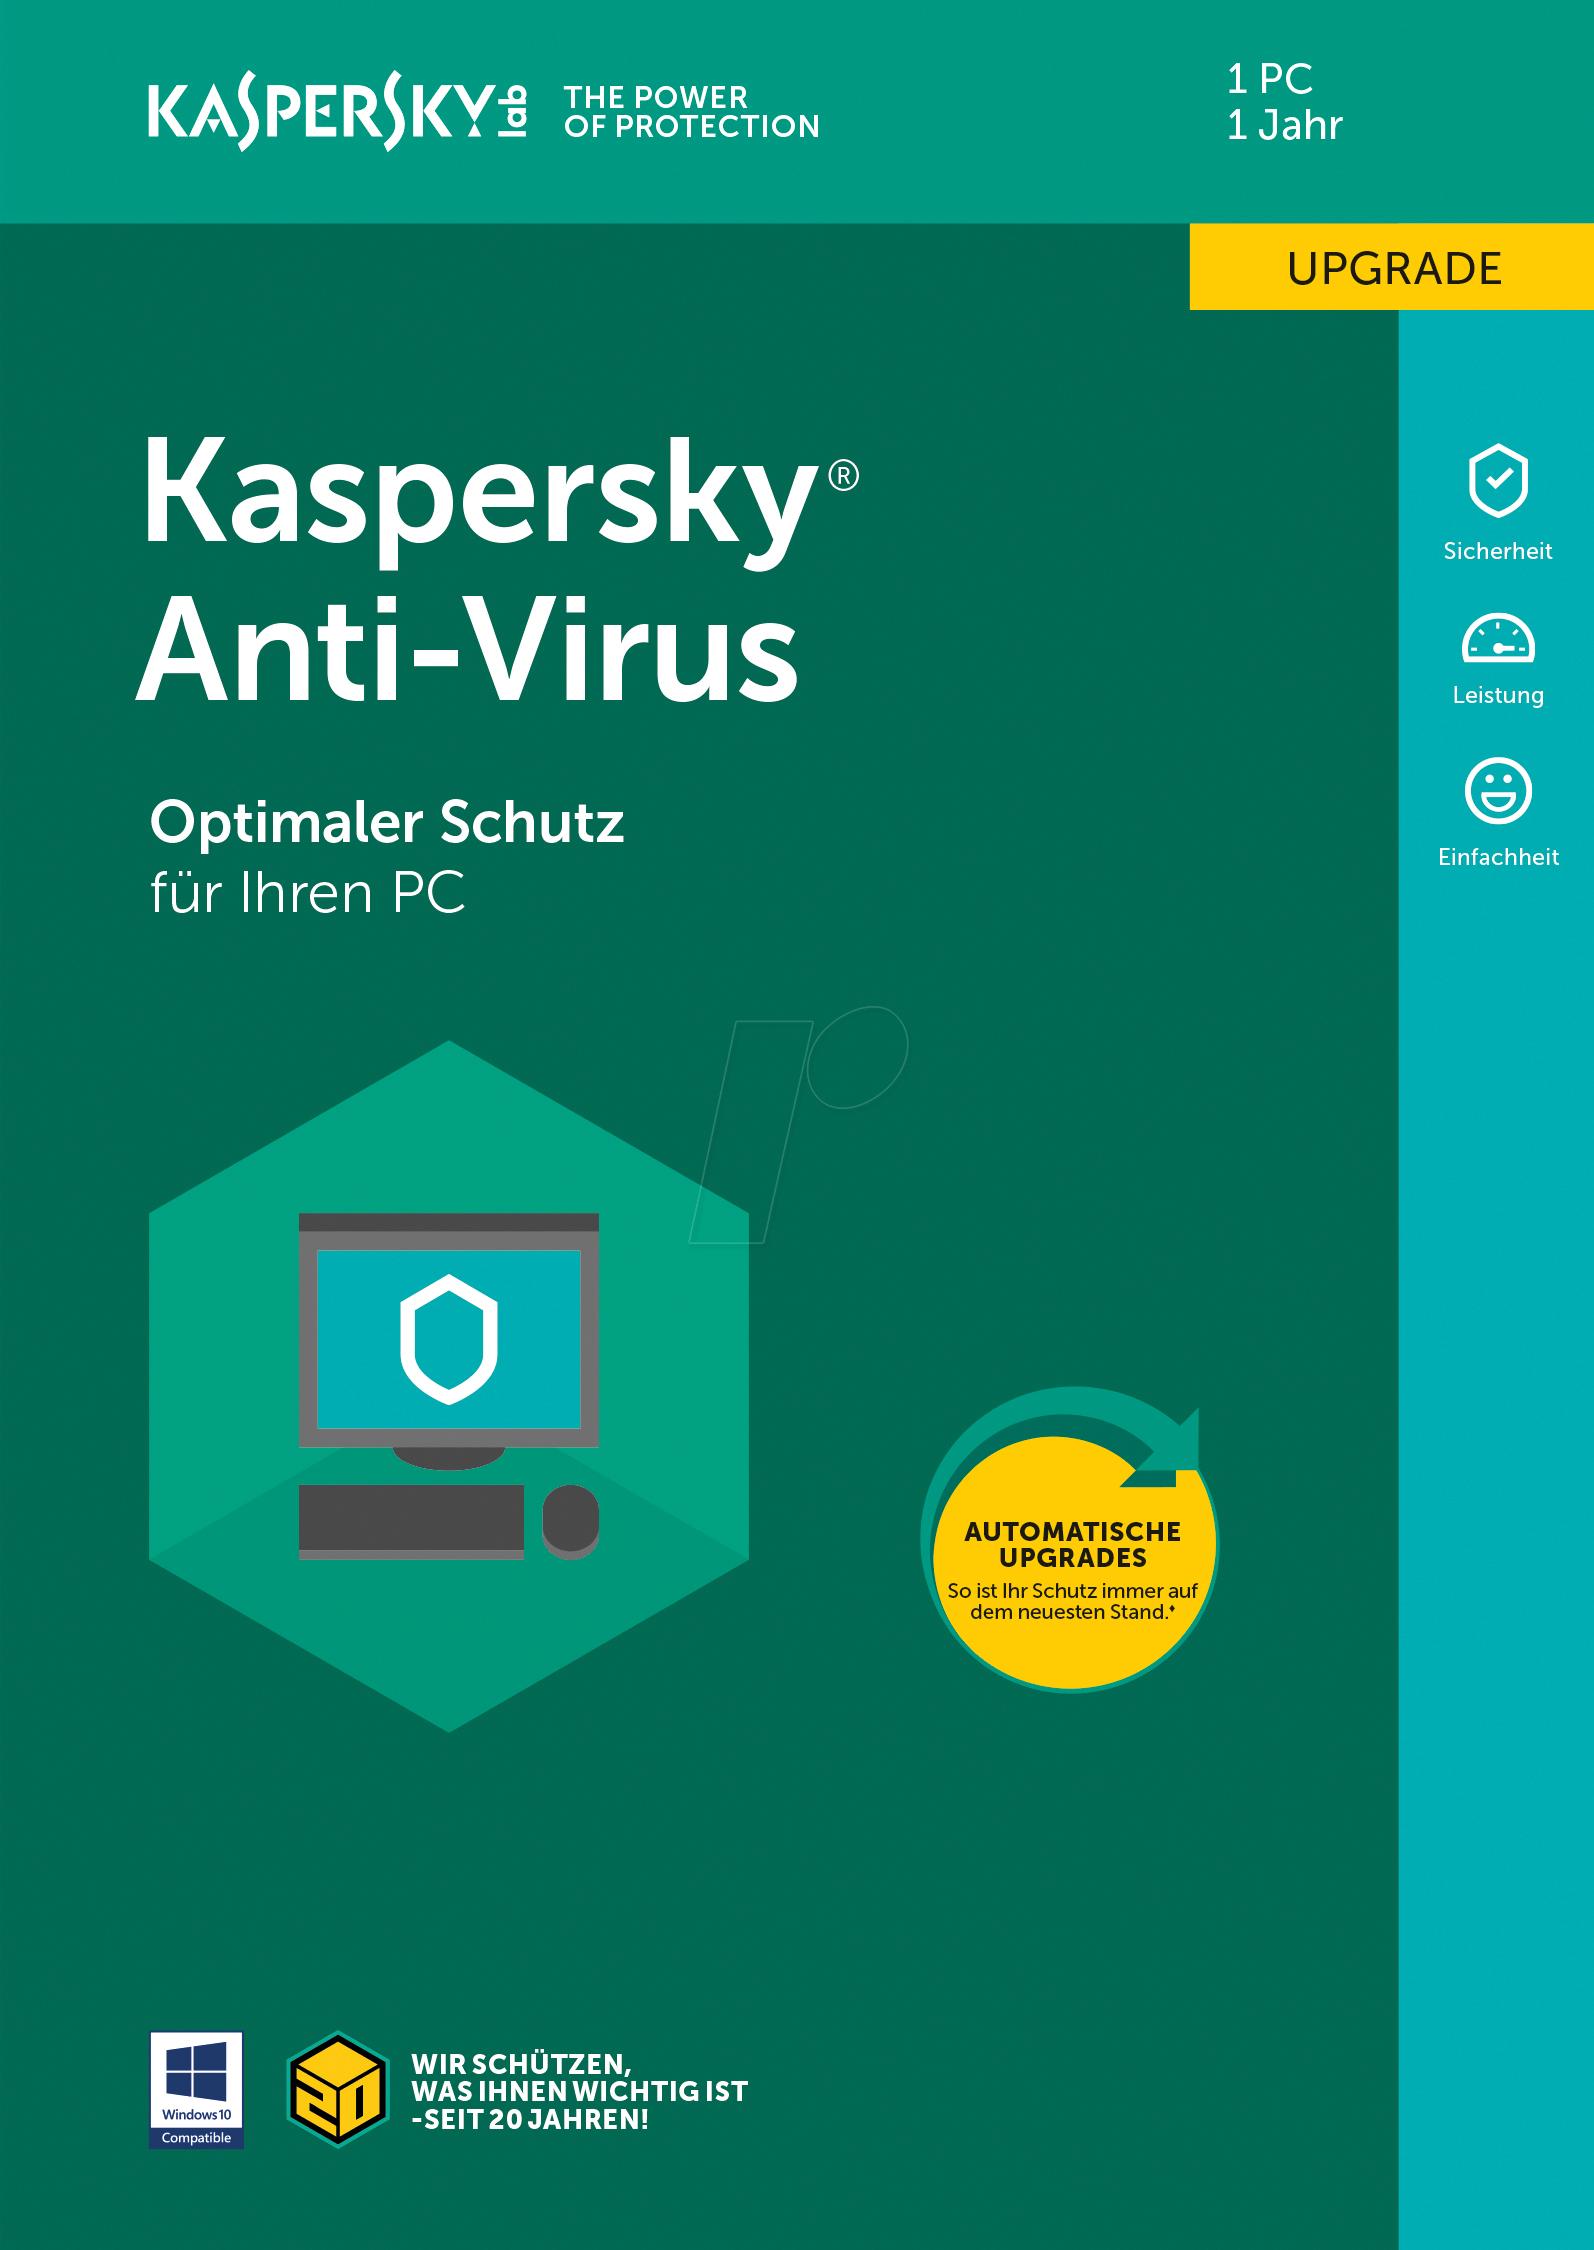 https://cdn-reichelt.de/bilder/web/xxl_ws/G500/KASPERSKY_AV2018_UP_01.png